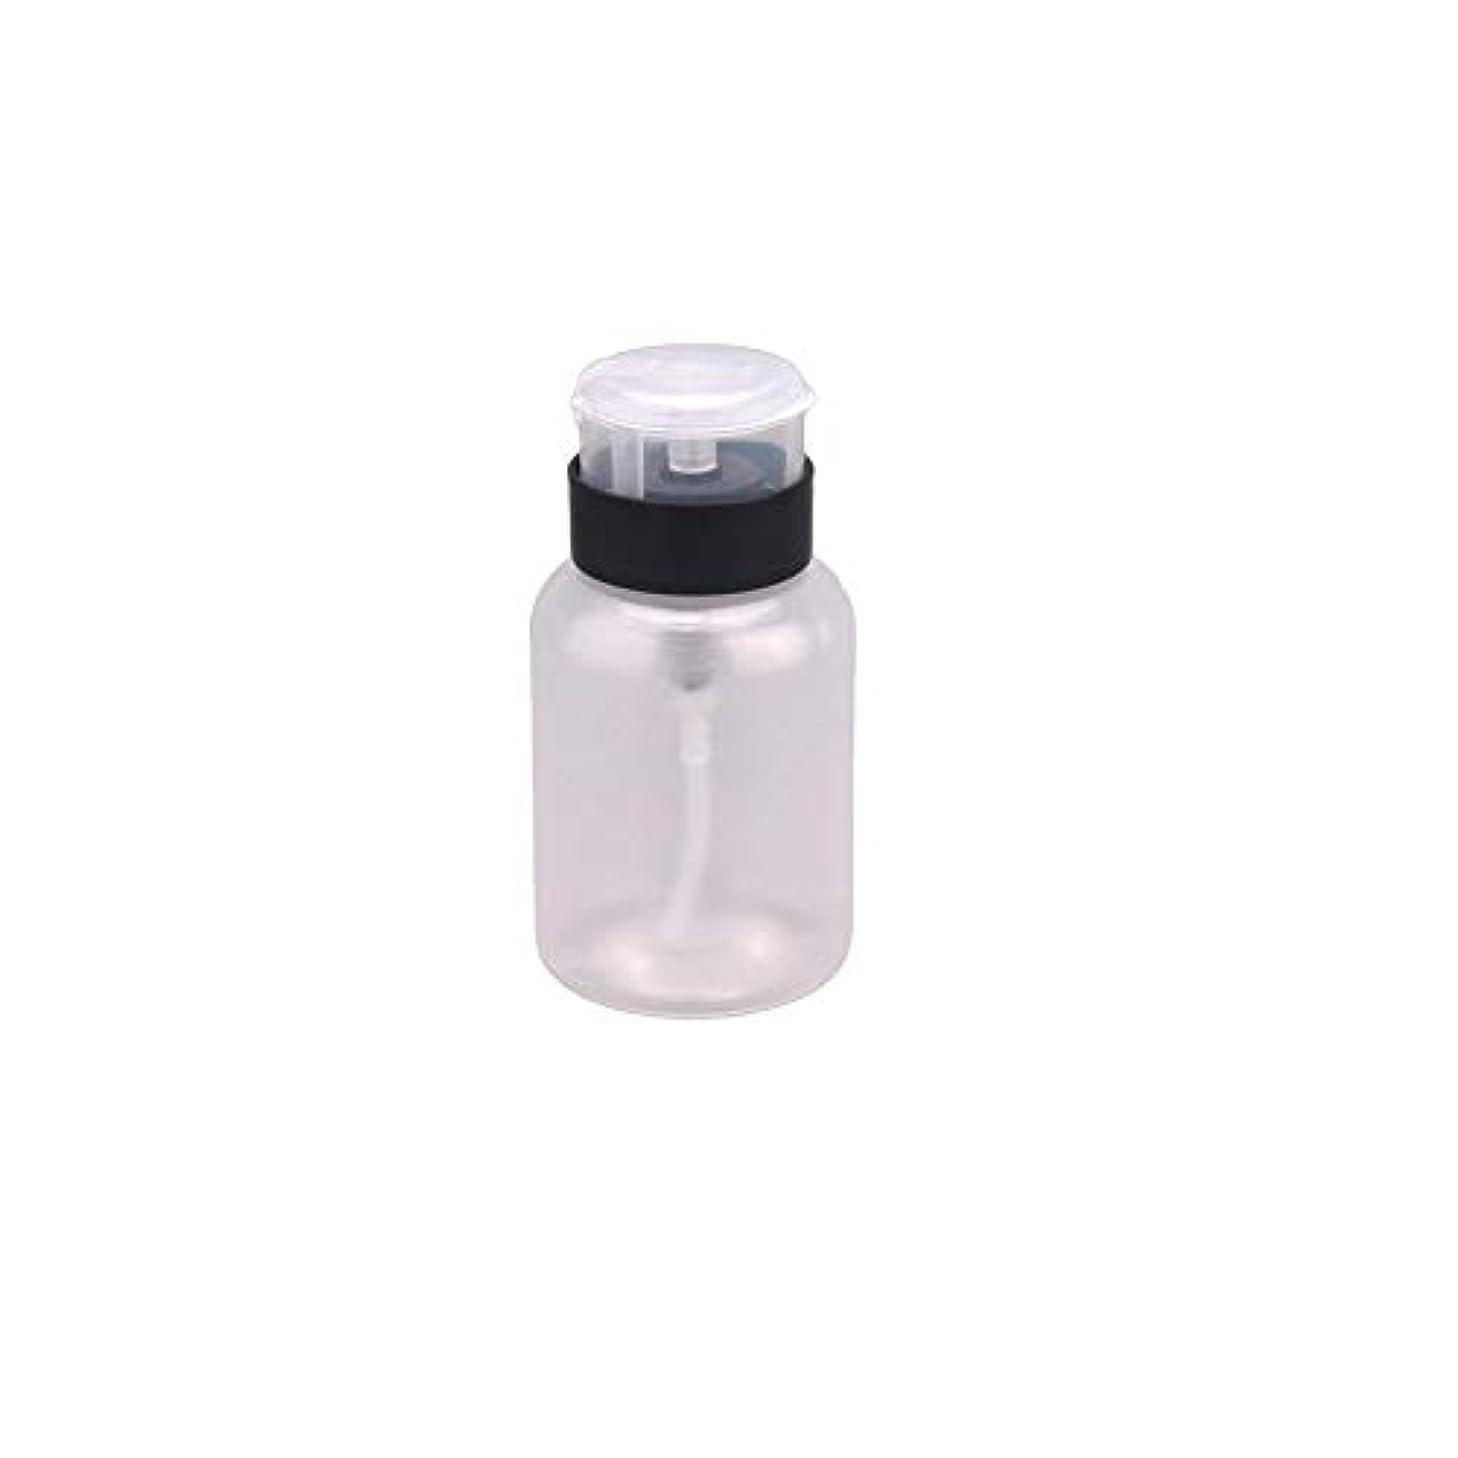 散文編集するスナップ210ML MultifuktionディスペンサーポンプクレンザーBottlePushネイルポリッシュリムーバーアルコールボトルダウン液体エミッタのボトルは、ボトルのネイルポリッシュリムーバー液体ボトル容器のforoils...